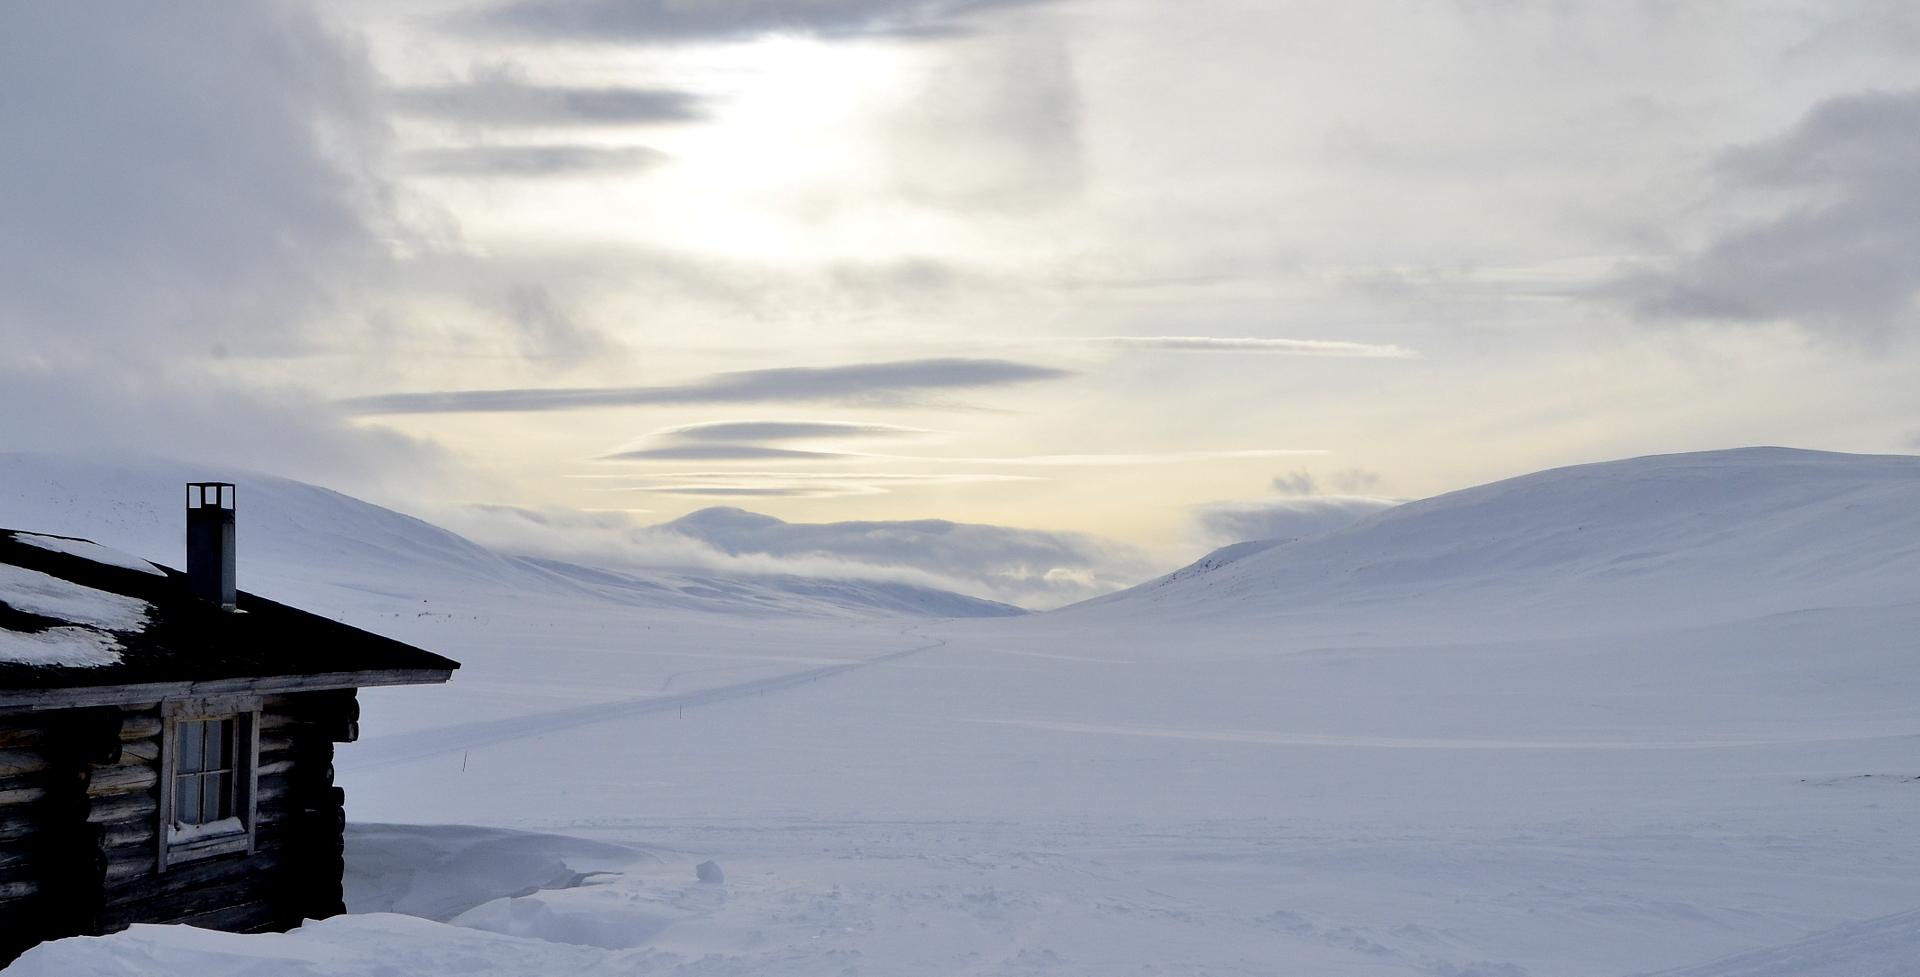 Teltan pystytyksen aikana leijaili paikan yli muutama lunta nakkeleva sadepilvi.